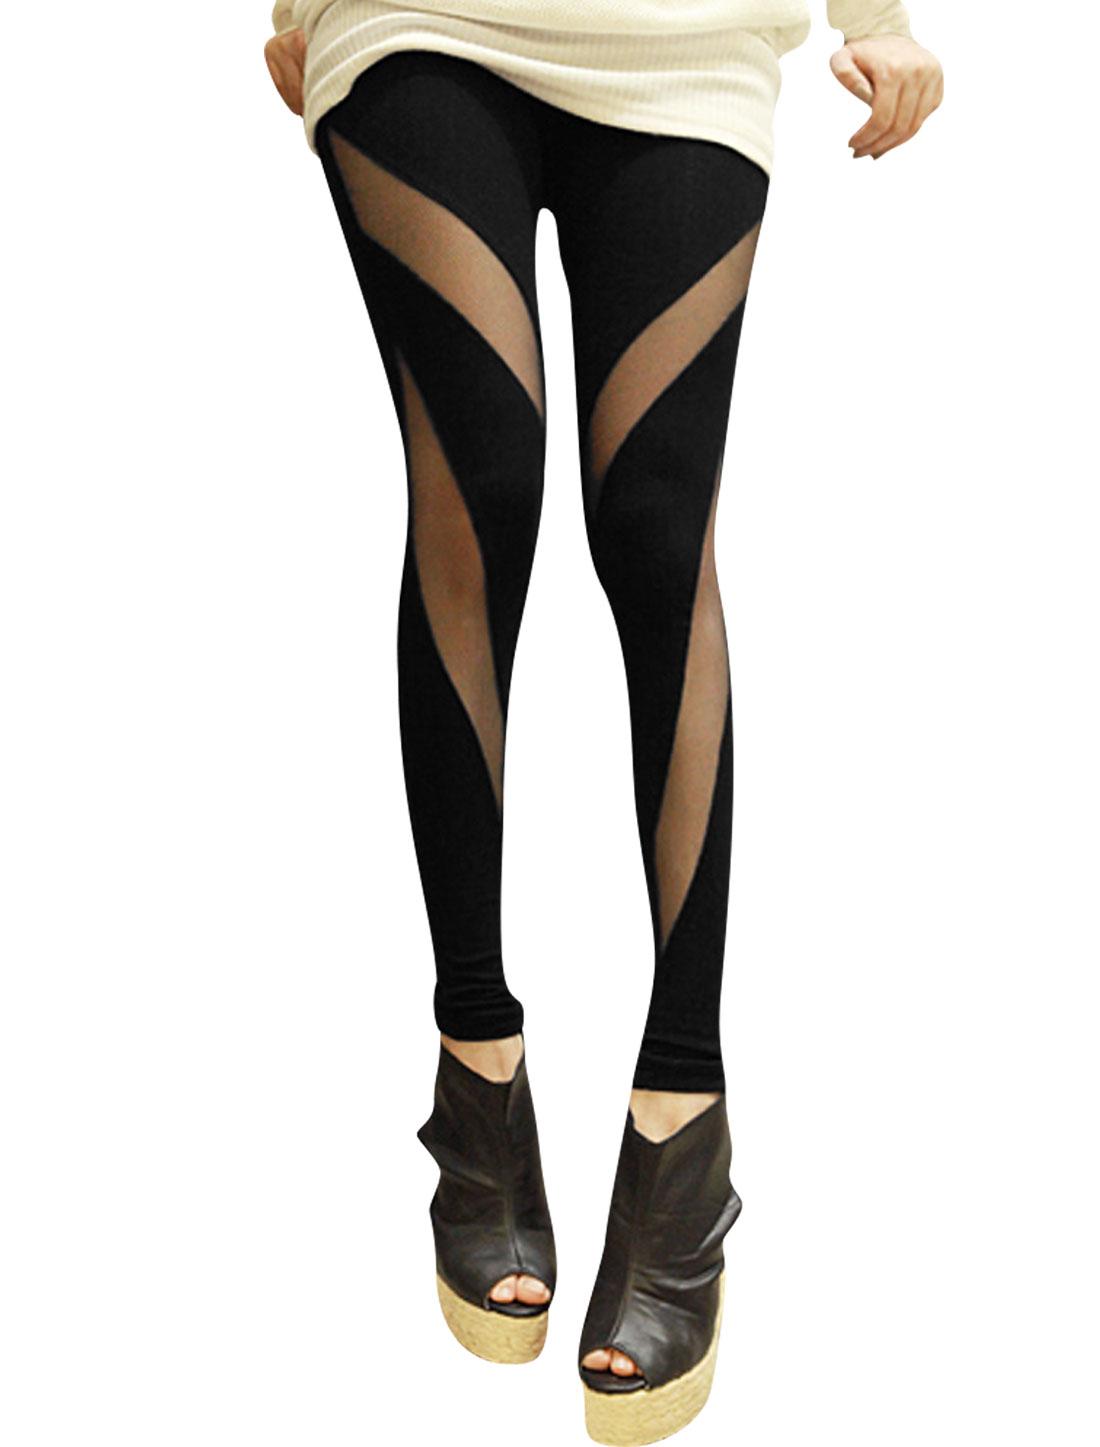 Ladies Fashion Elastic Waist Panel Net Stretchy Skinny Leggings Black XL